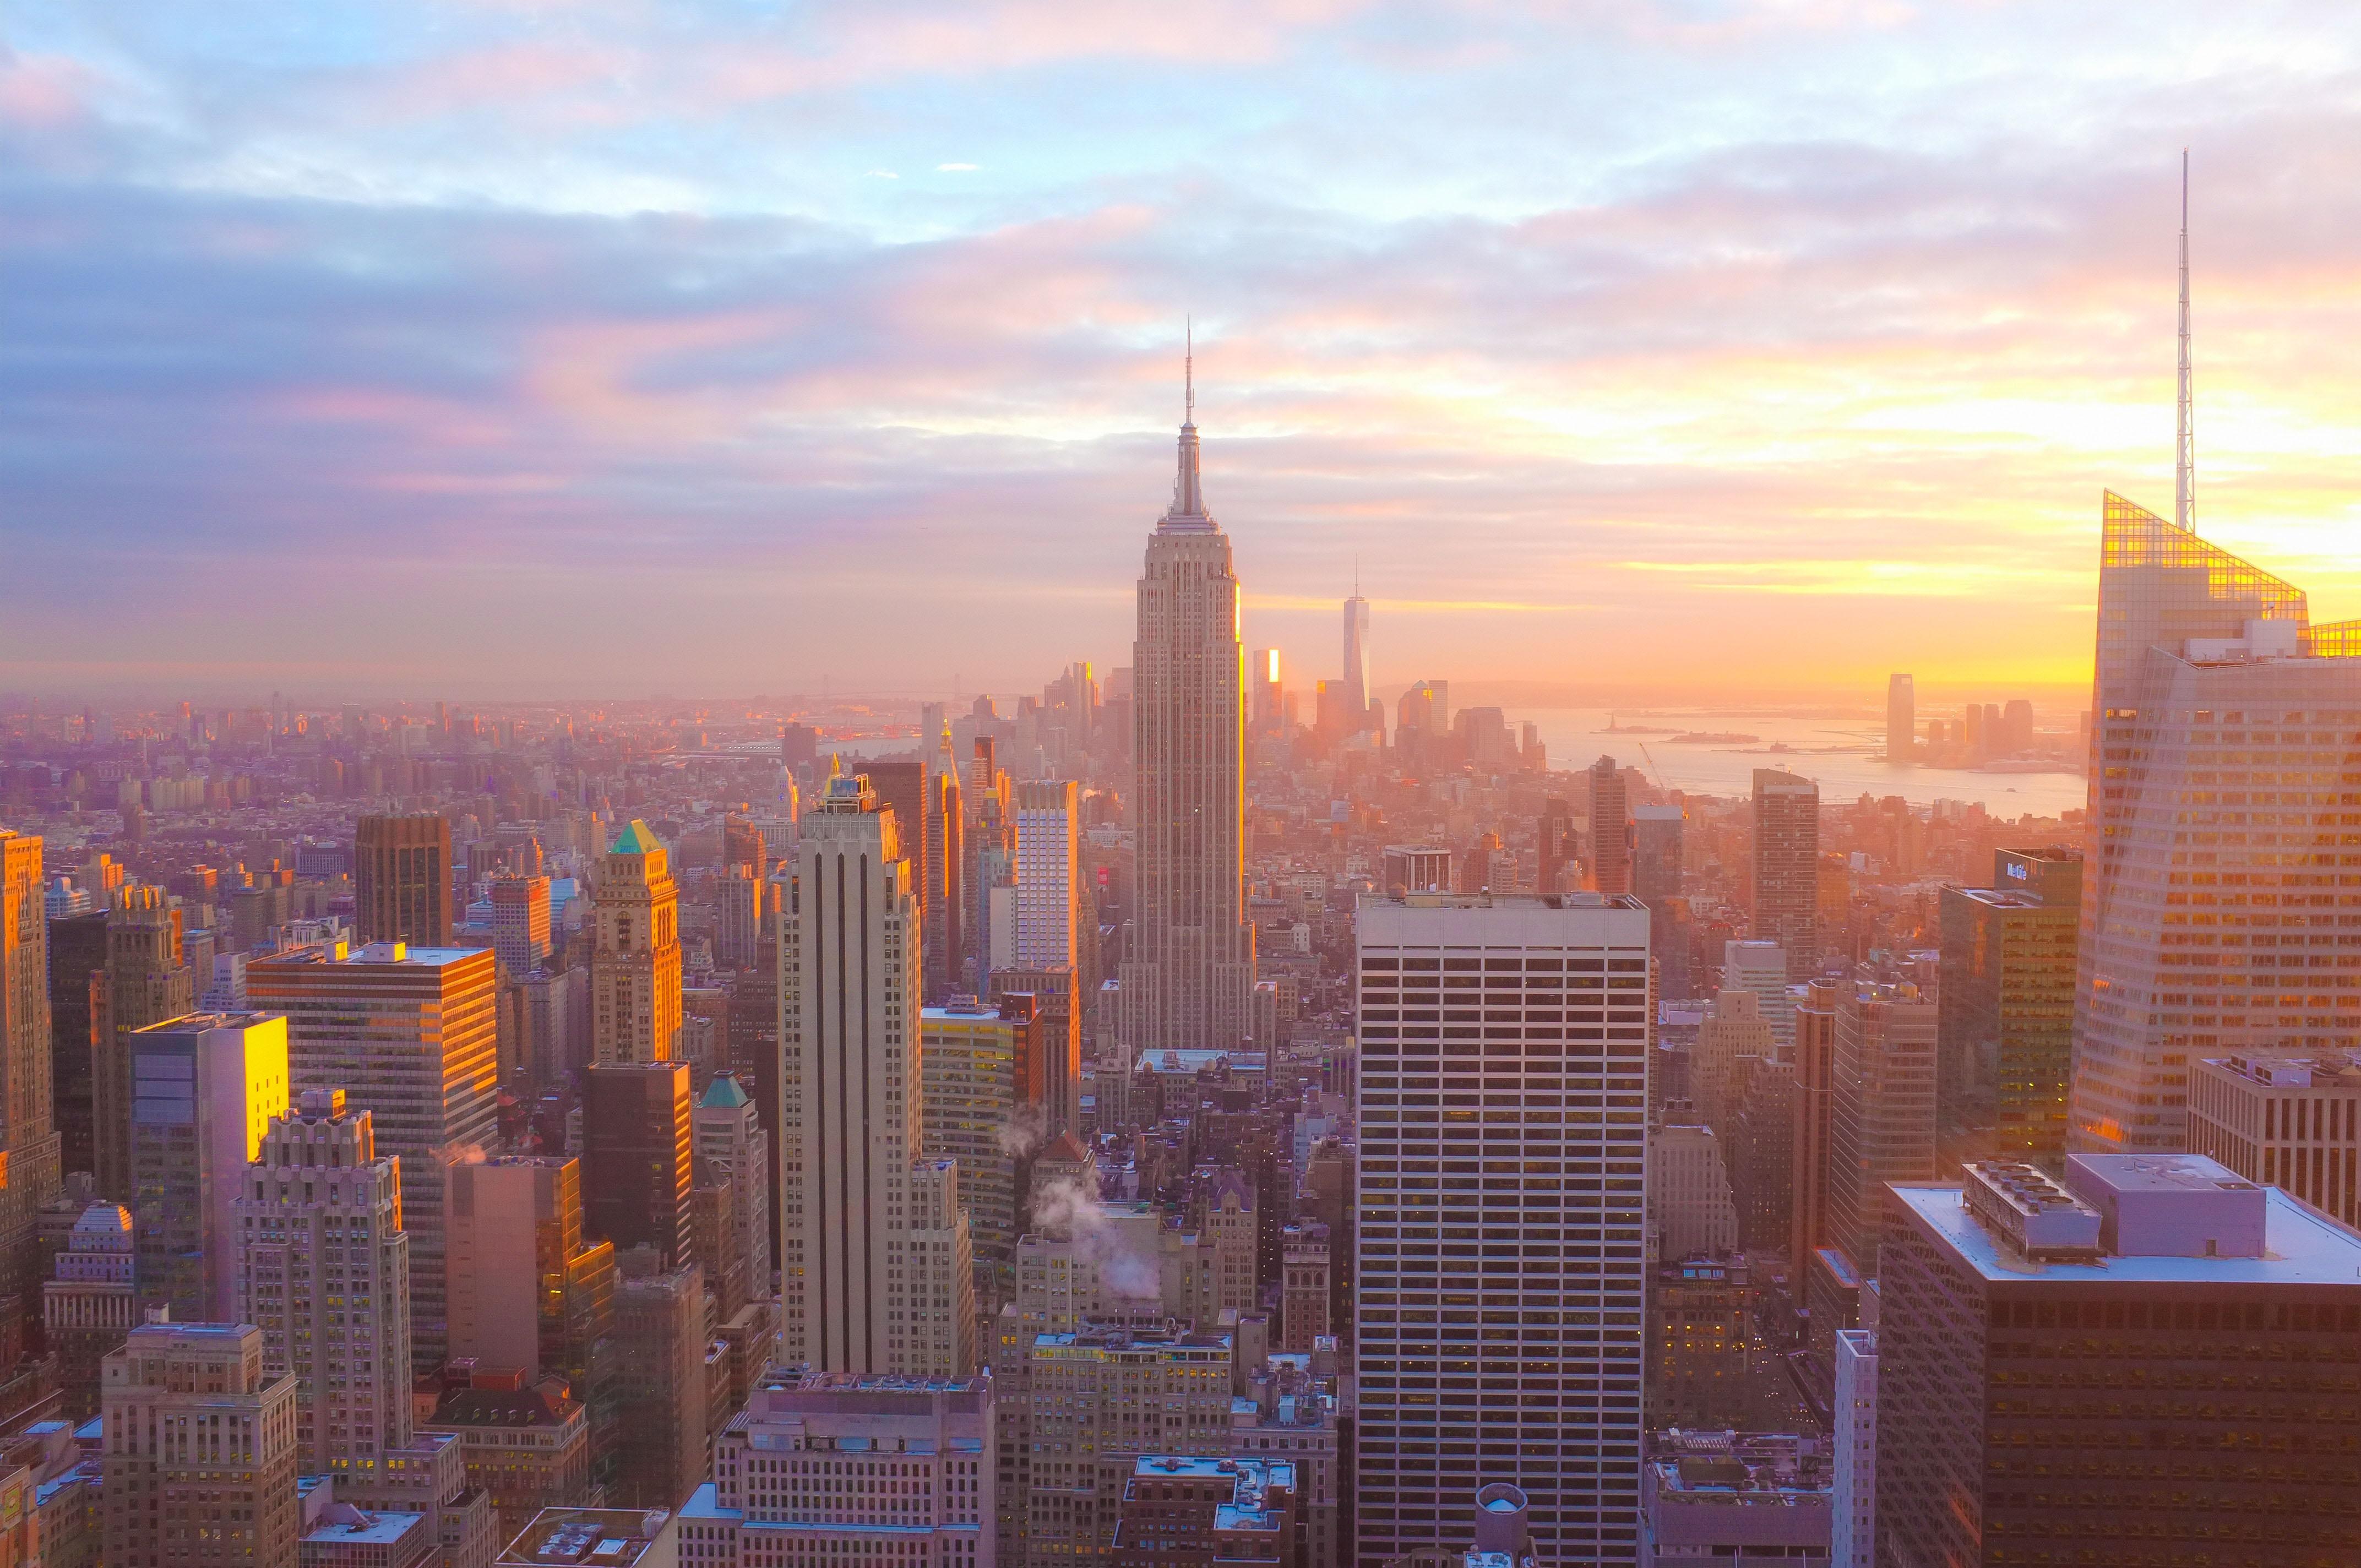 NGÀY 01 : HỒ CHÍ MINH/HÀ NỘI - NEW YORK CITY, MỸ